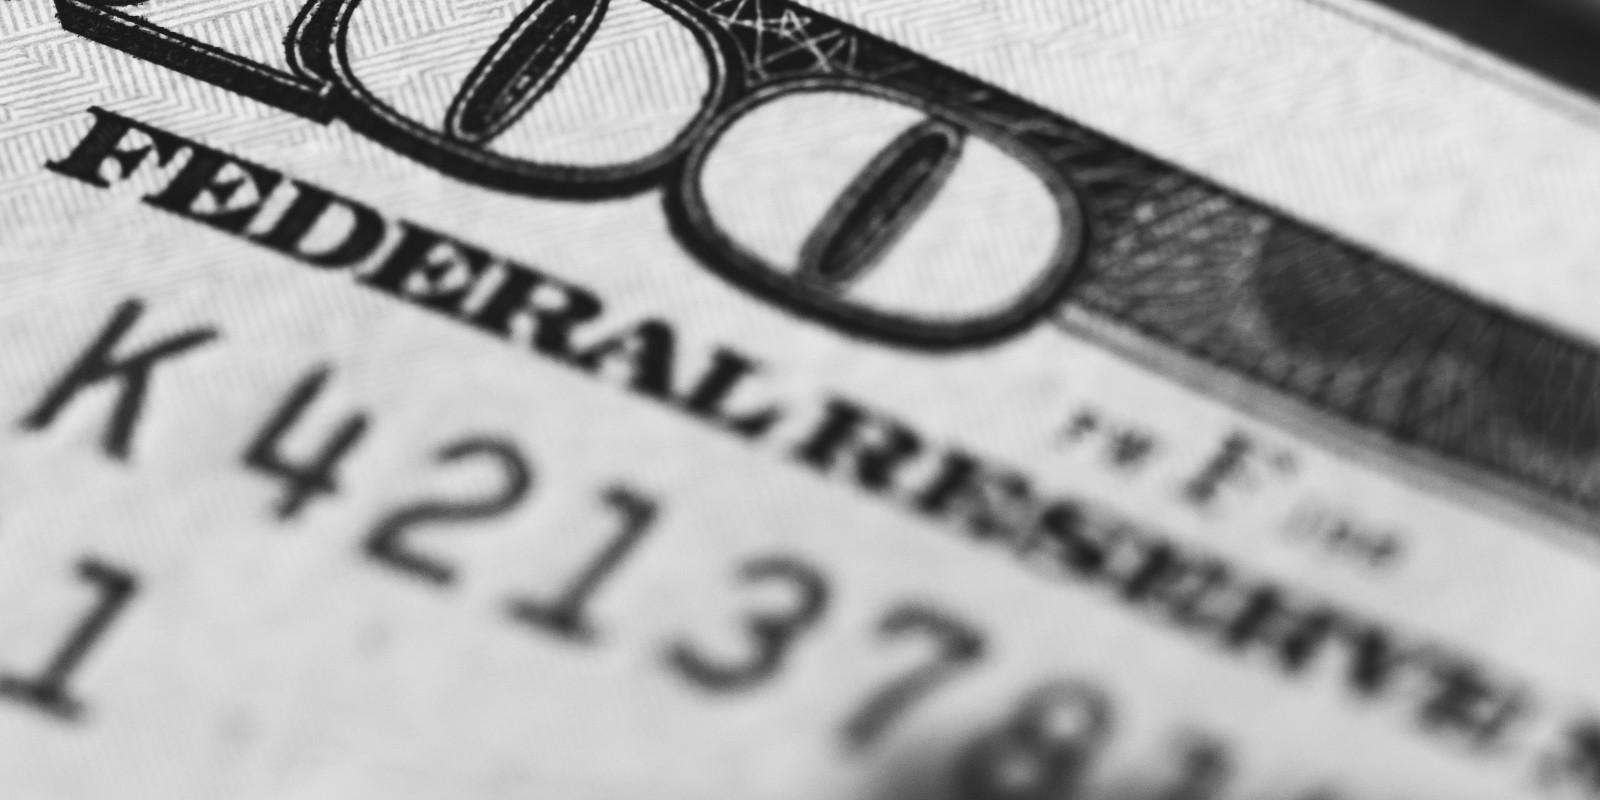 hogyan lehet pénzt keresni a forgalomból